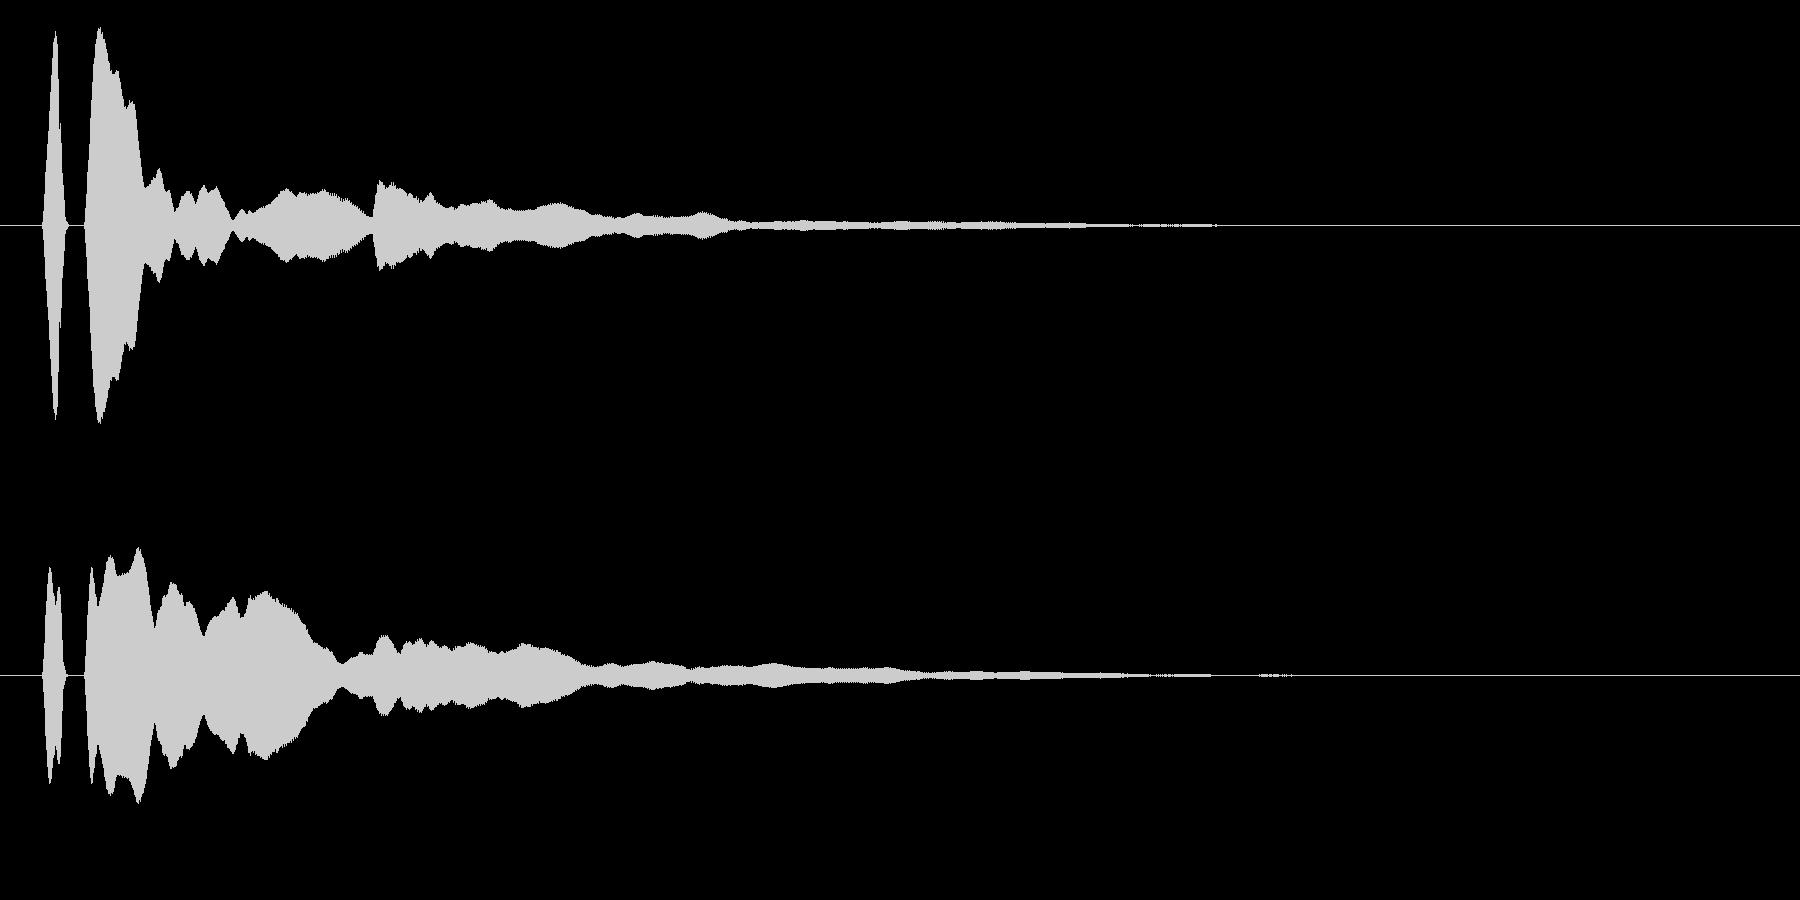 シンプルな決定/ボタン/クリックに最適2の未再生の波形